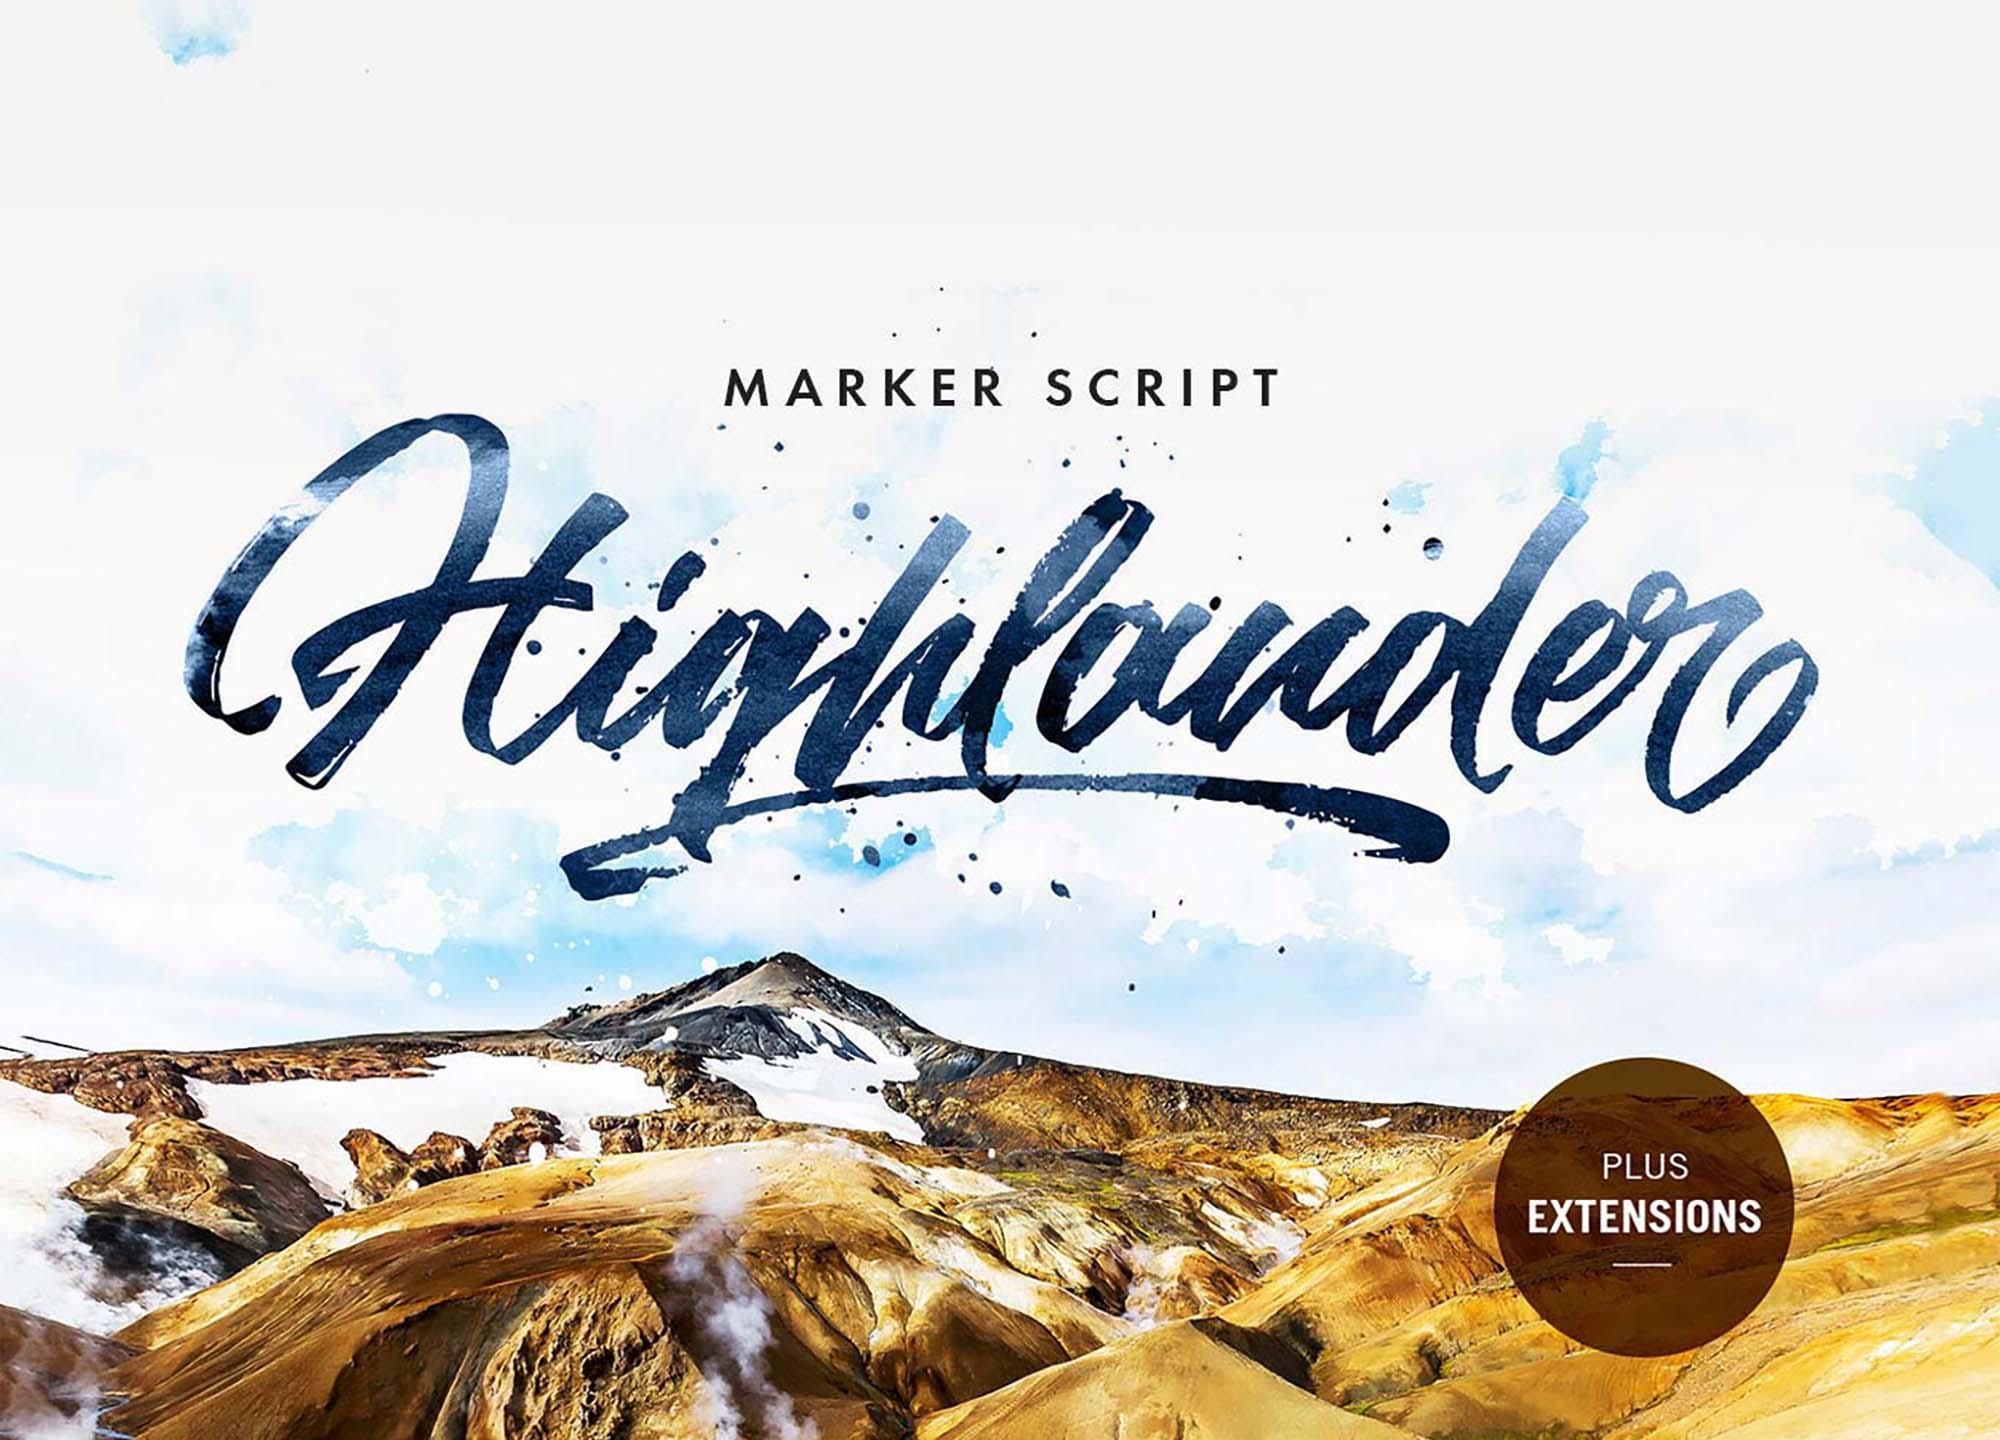 Highlander Marker Script Font